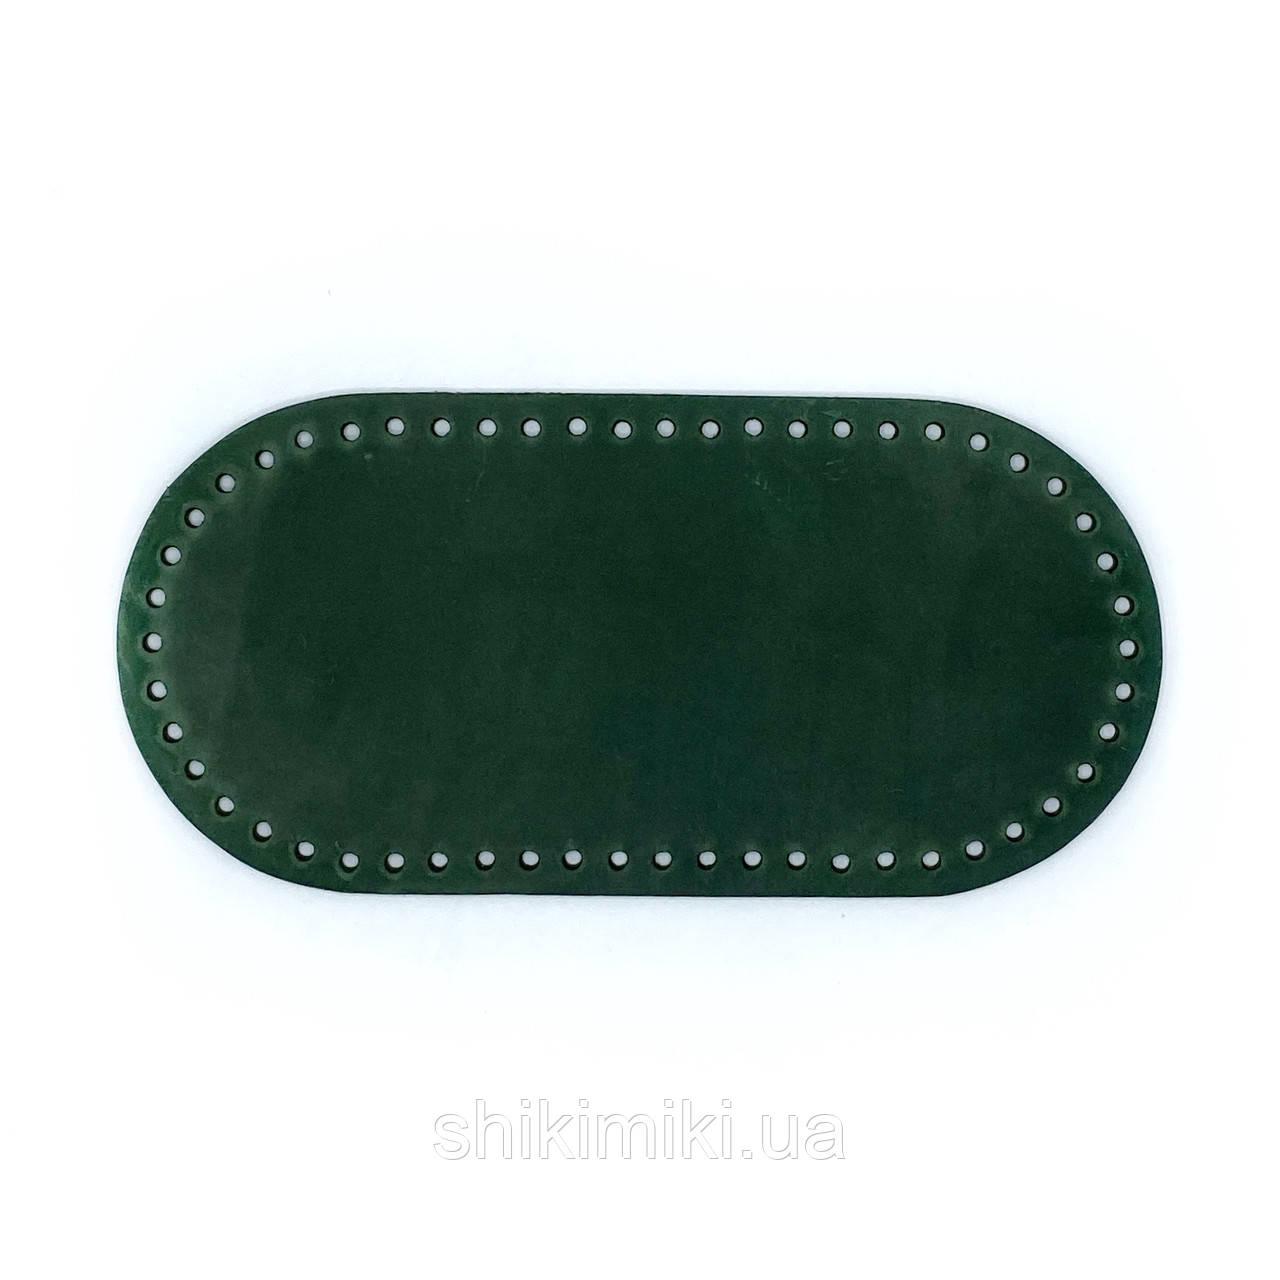 Дно для сумки кожаное  овал 25*12, цвет зеленый